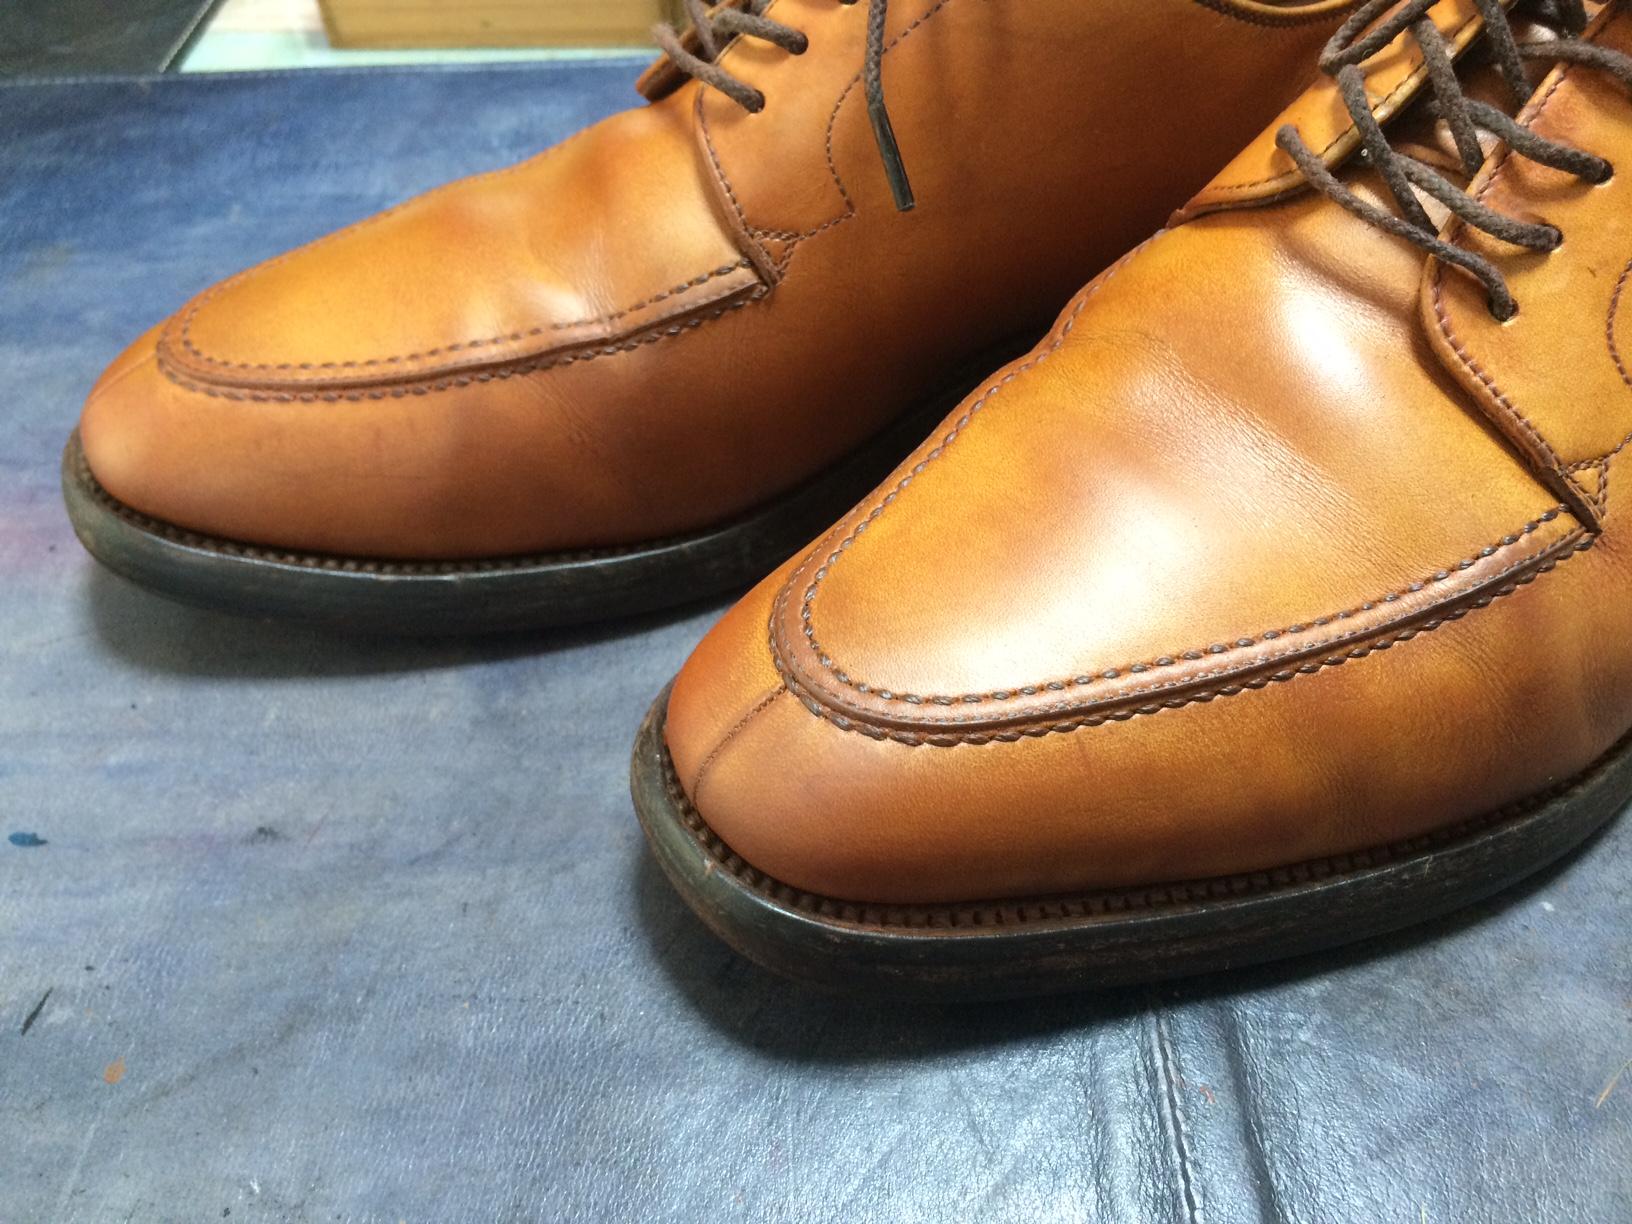 スコッチグレイン 靴磨き お手入れ